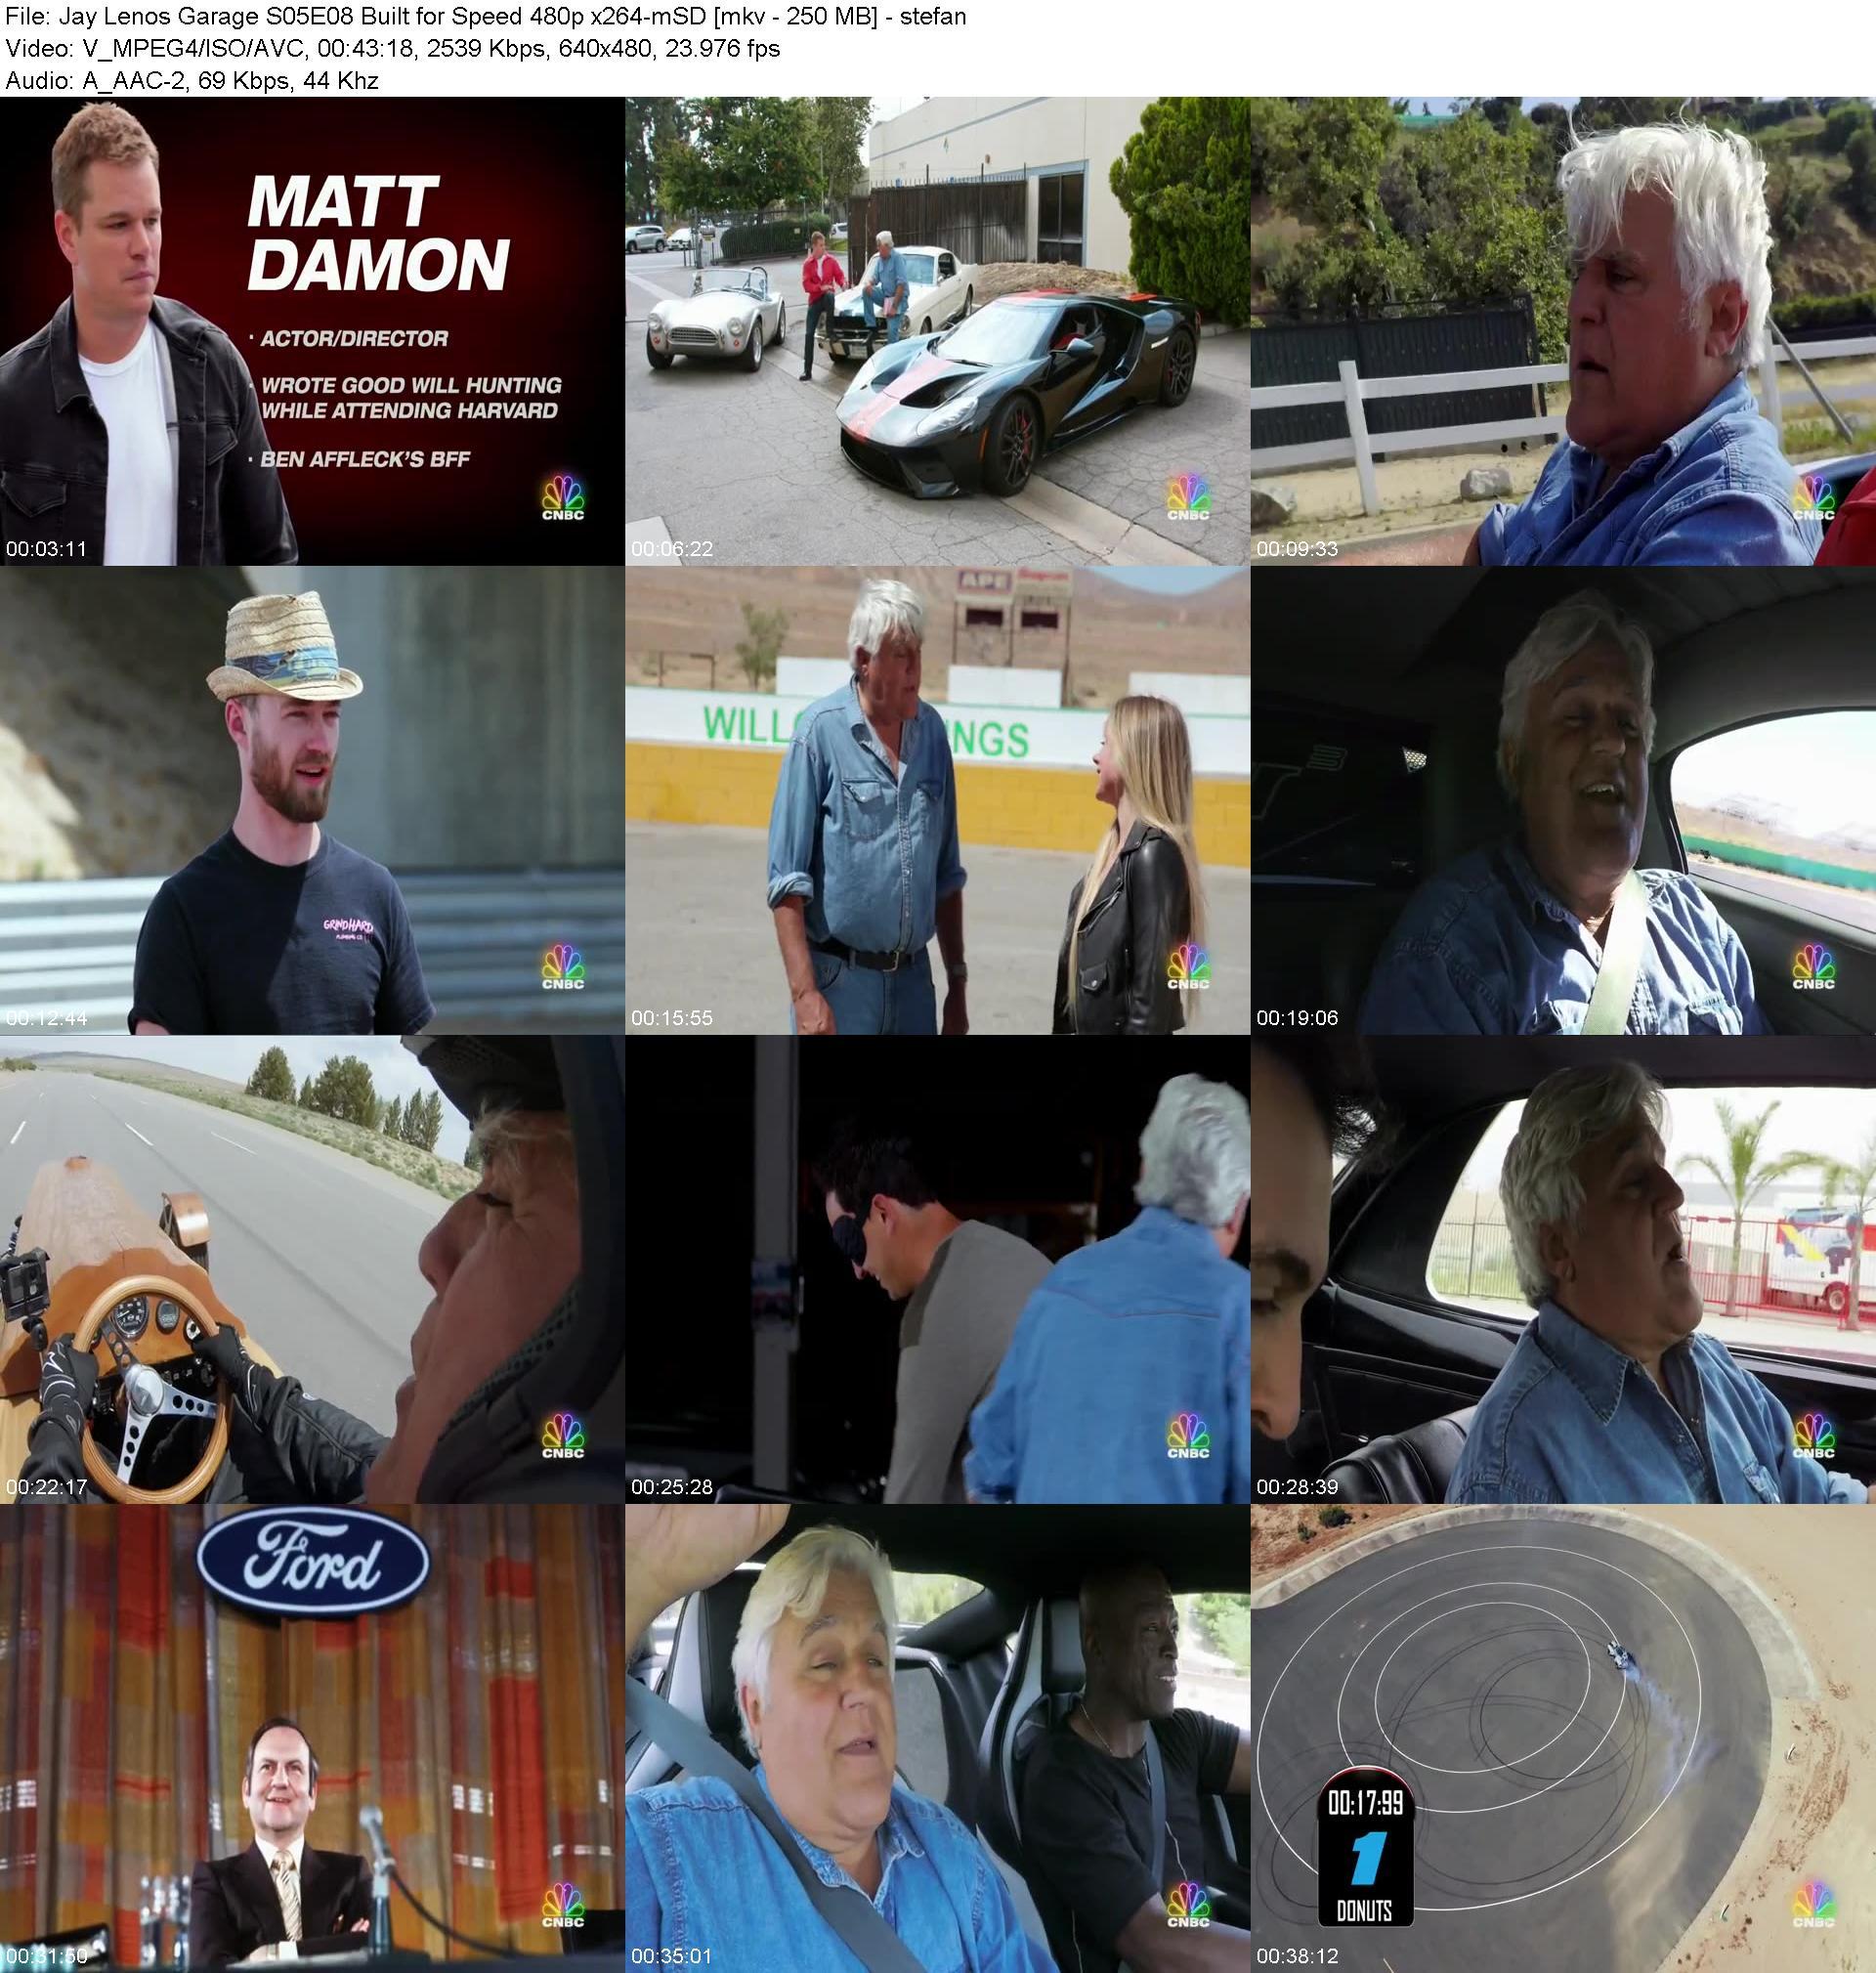 Jay Lenos Garage S05E08 Built For Speed 480p X264-mSD [1